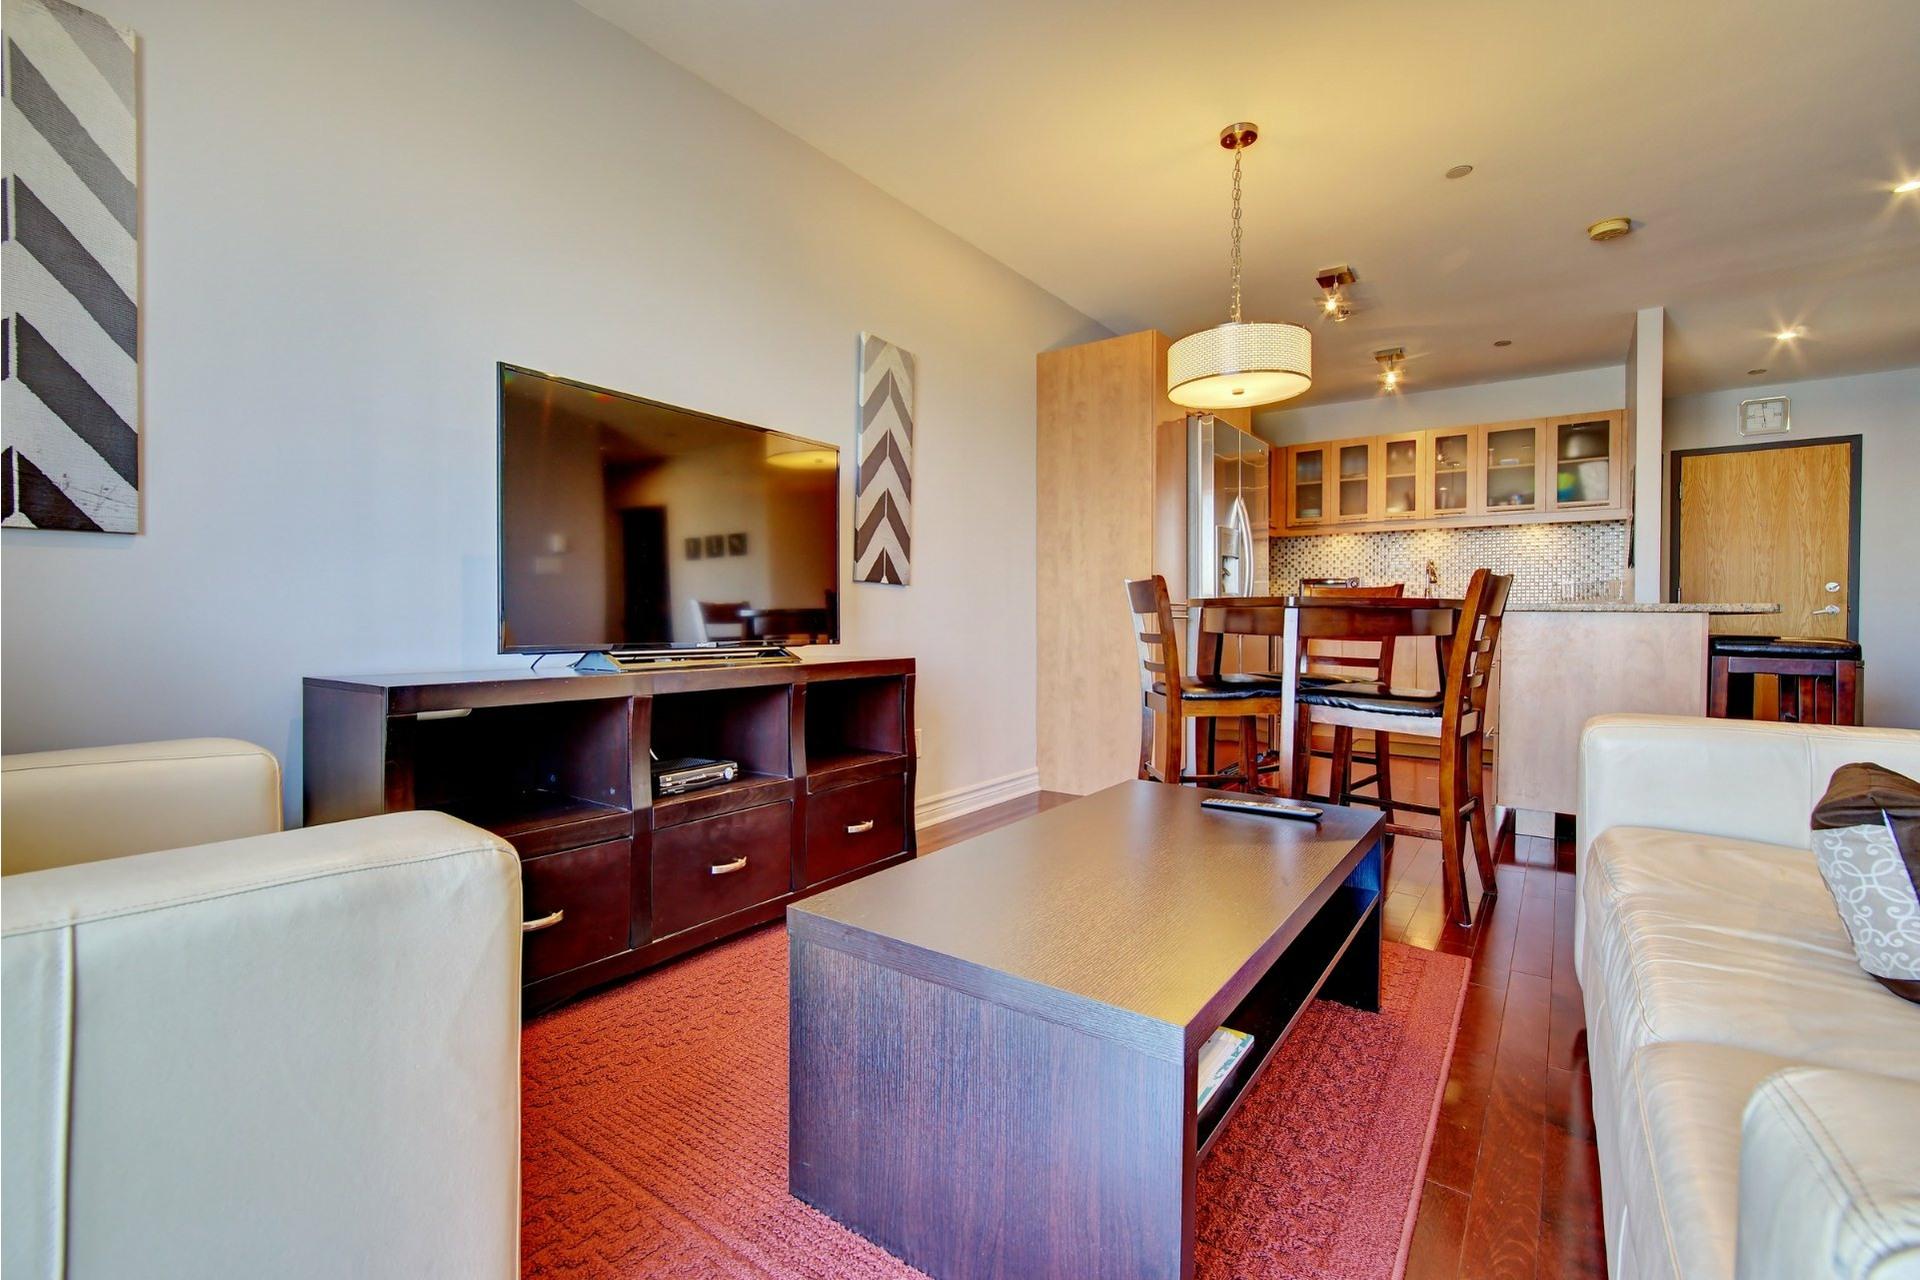 image 9 - Apartment For rent Laval-des-Rapides Laval  - 5 rooms